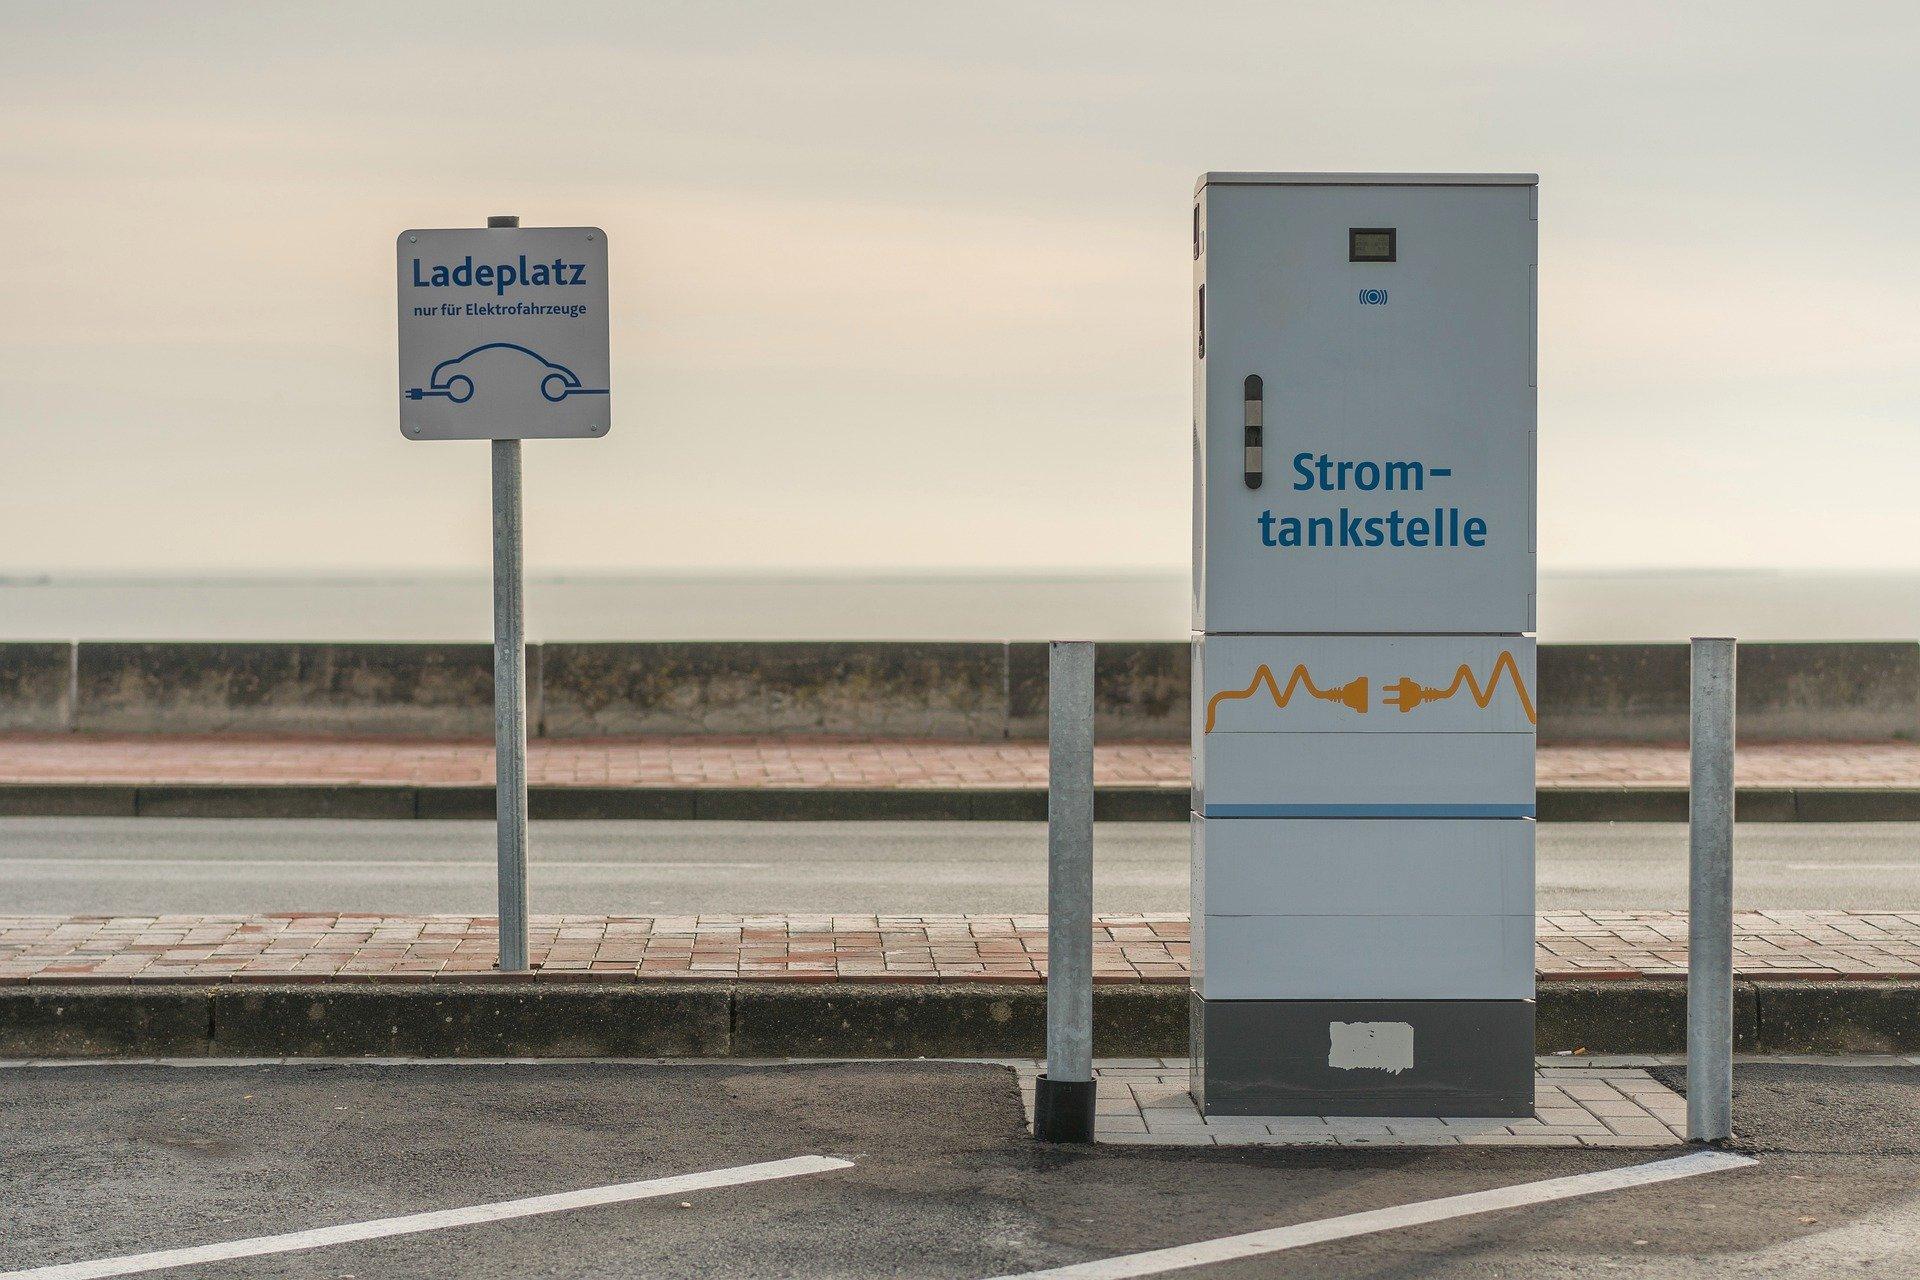 К 2030 году количество электромобилей в мире может вырасти в 14 раз